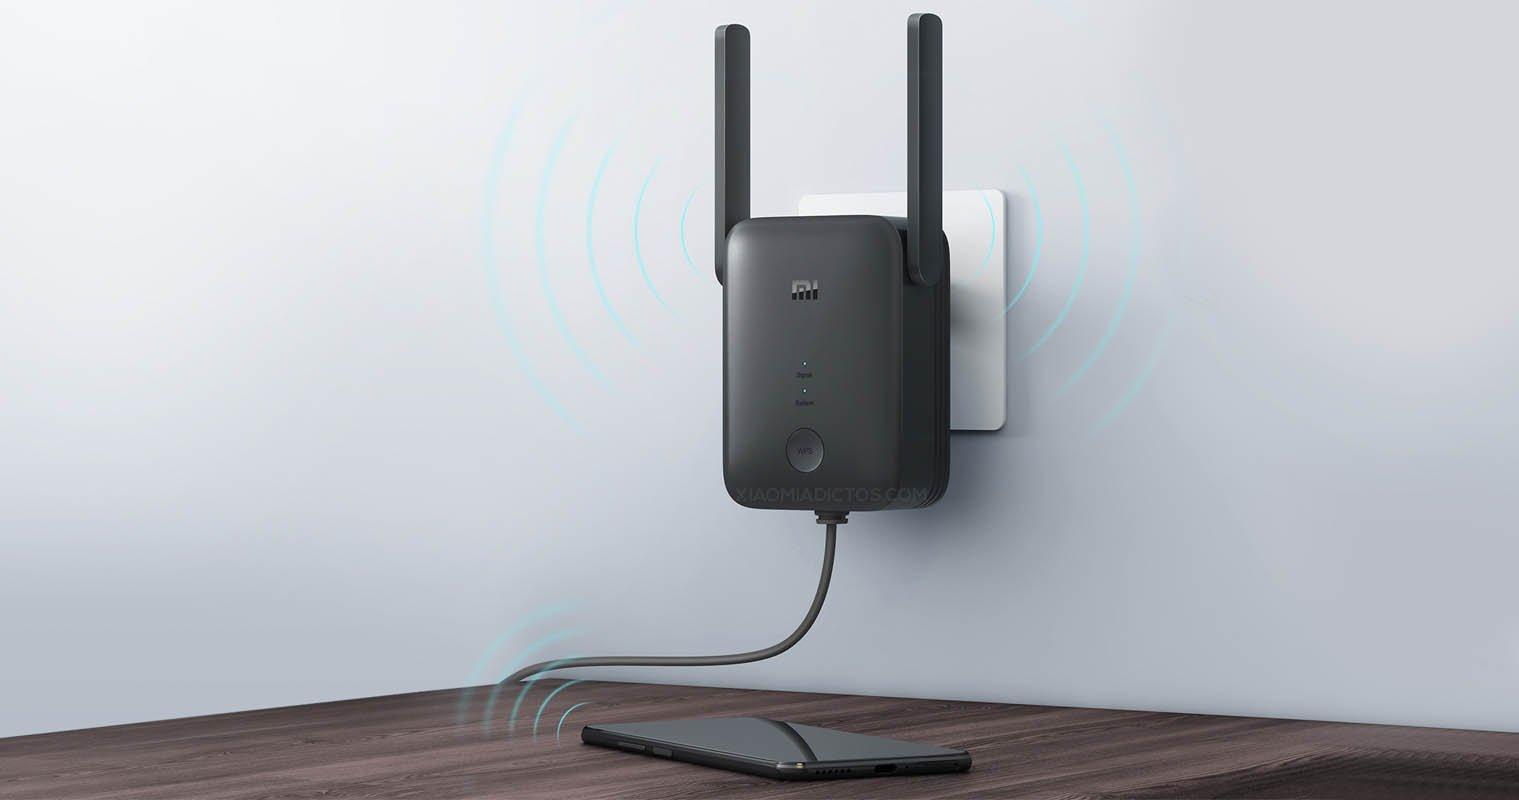 Xiaomi lanza el Mi WiFi Range Extender AC1200, un nuevo repetidor WiFi con puerto Ethernet. Noticias Xiaomi Adictos